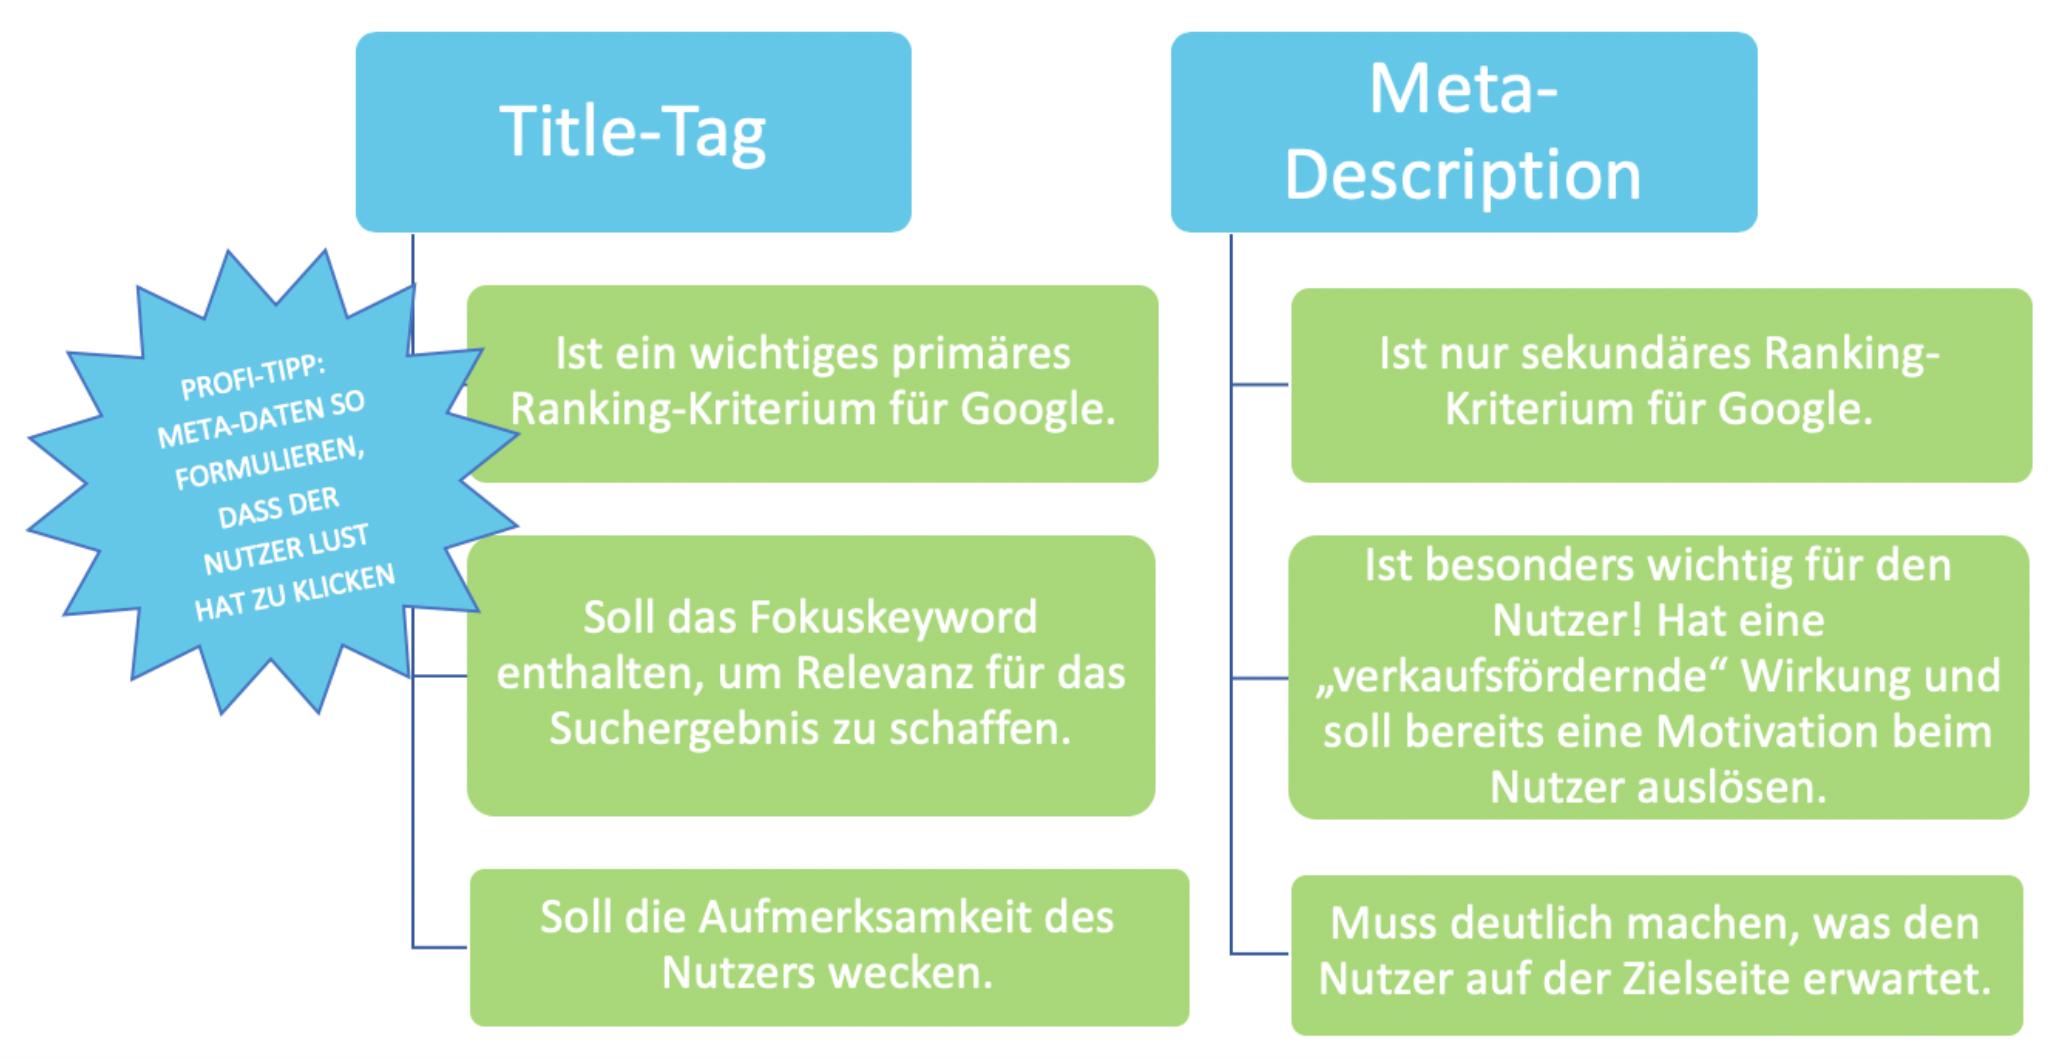 Übersicht Title-Tag und Meta-Description